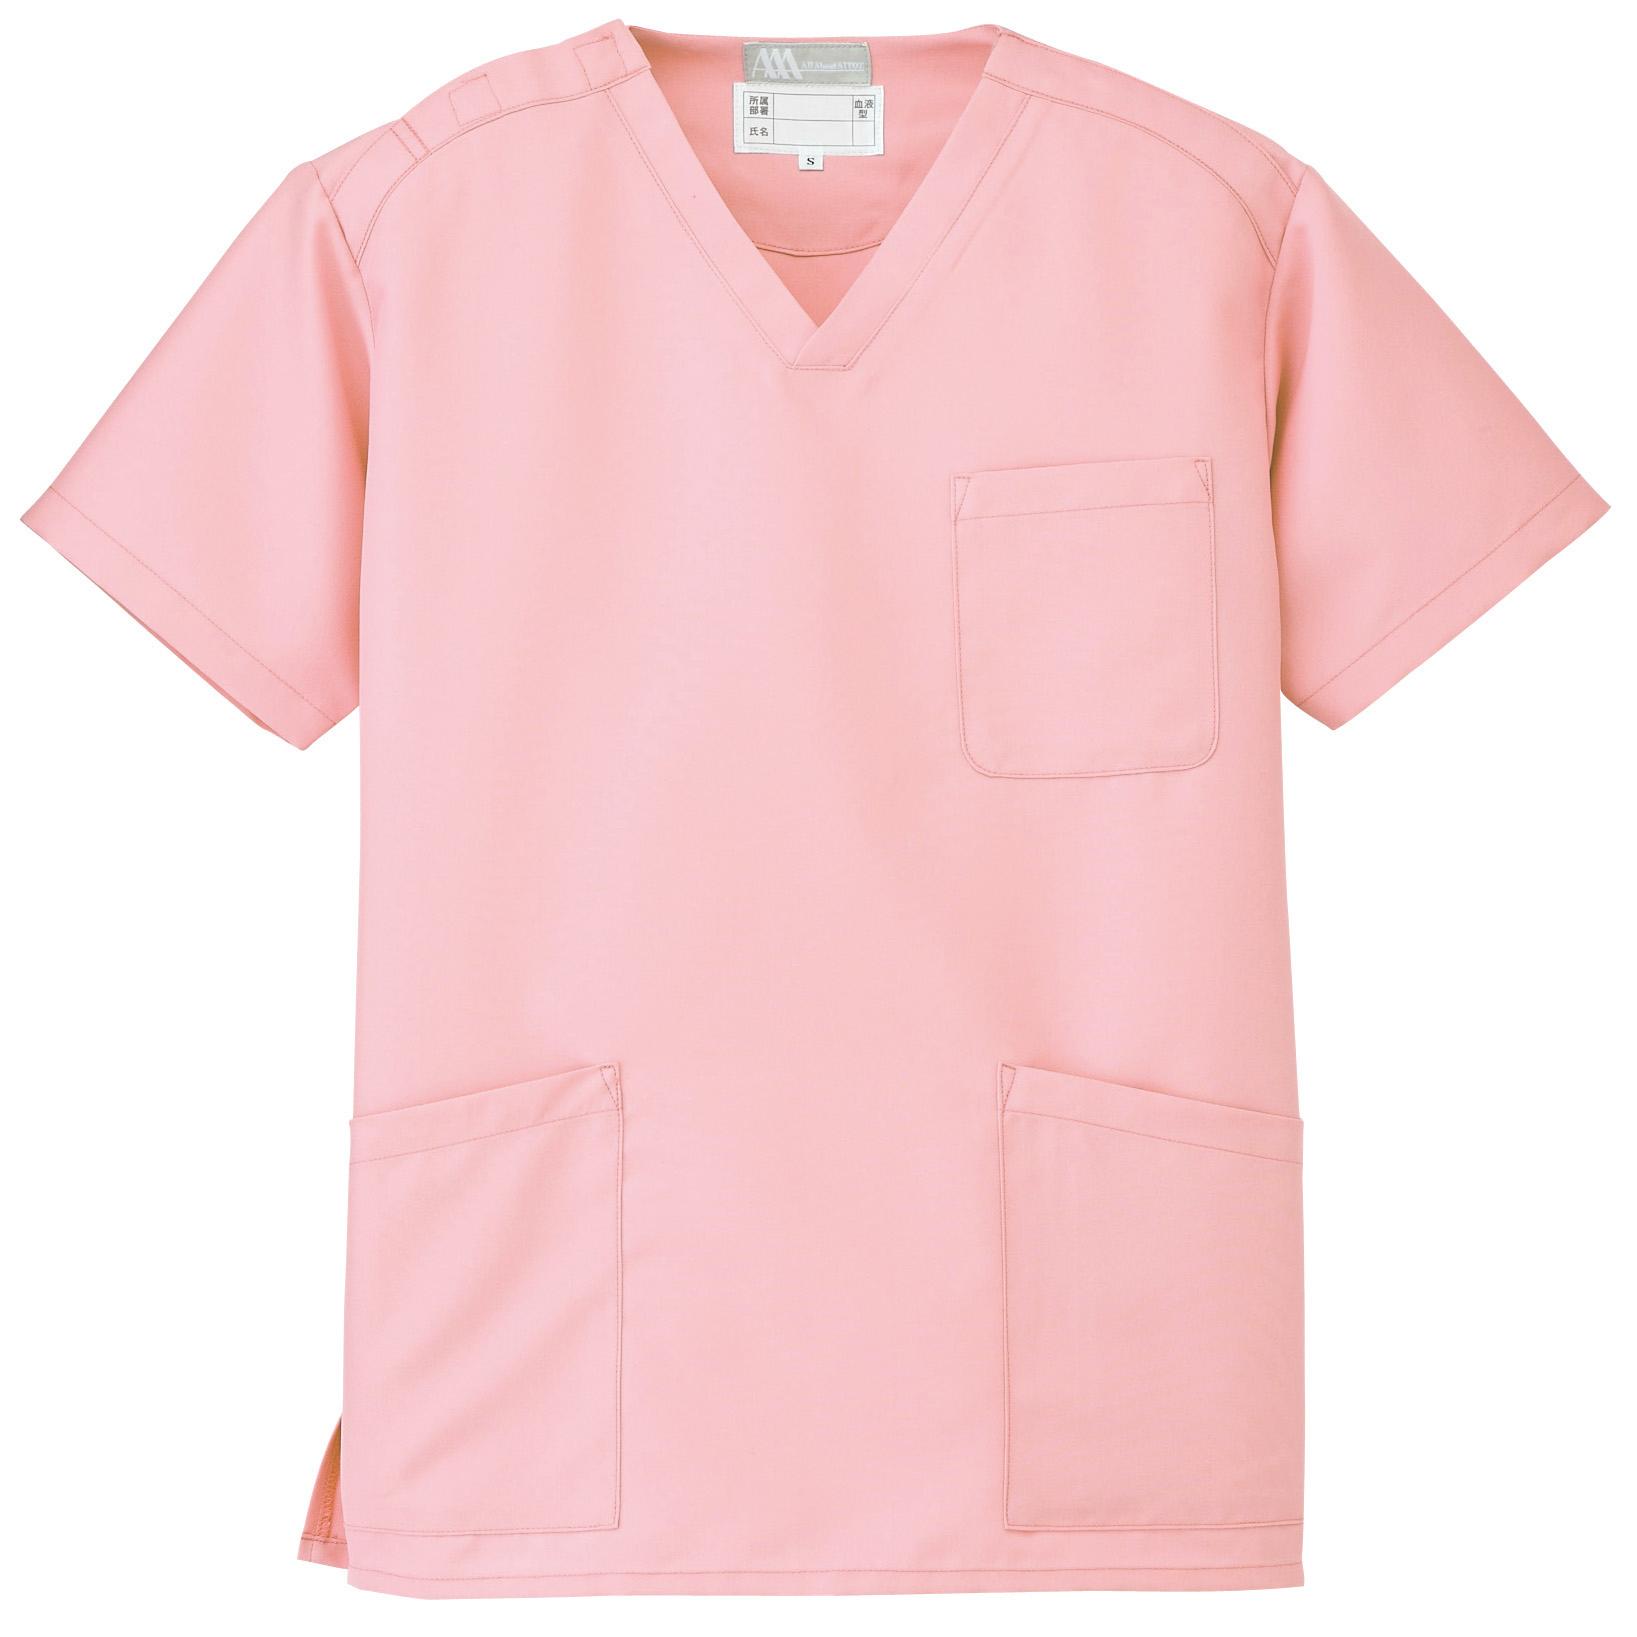 カラースクラブ販売。刺繍、プリント加工対応します。研修医、医療チームウェアに人気